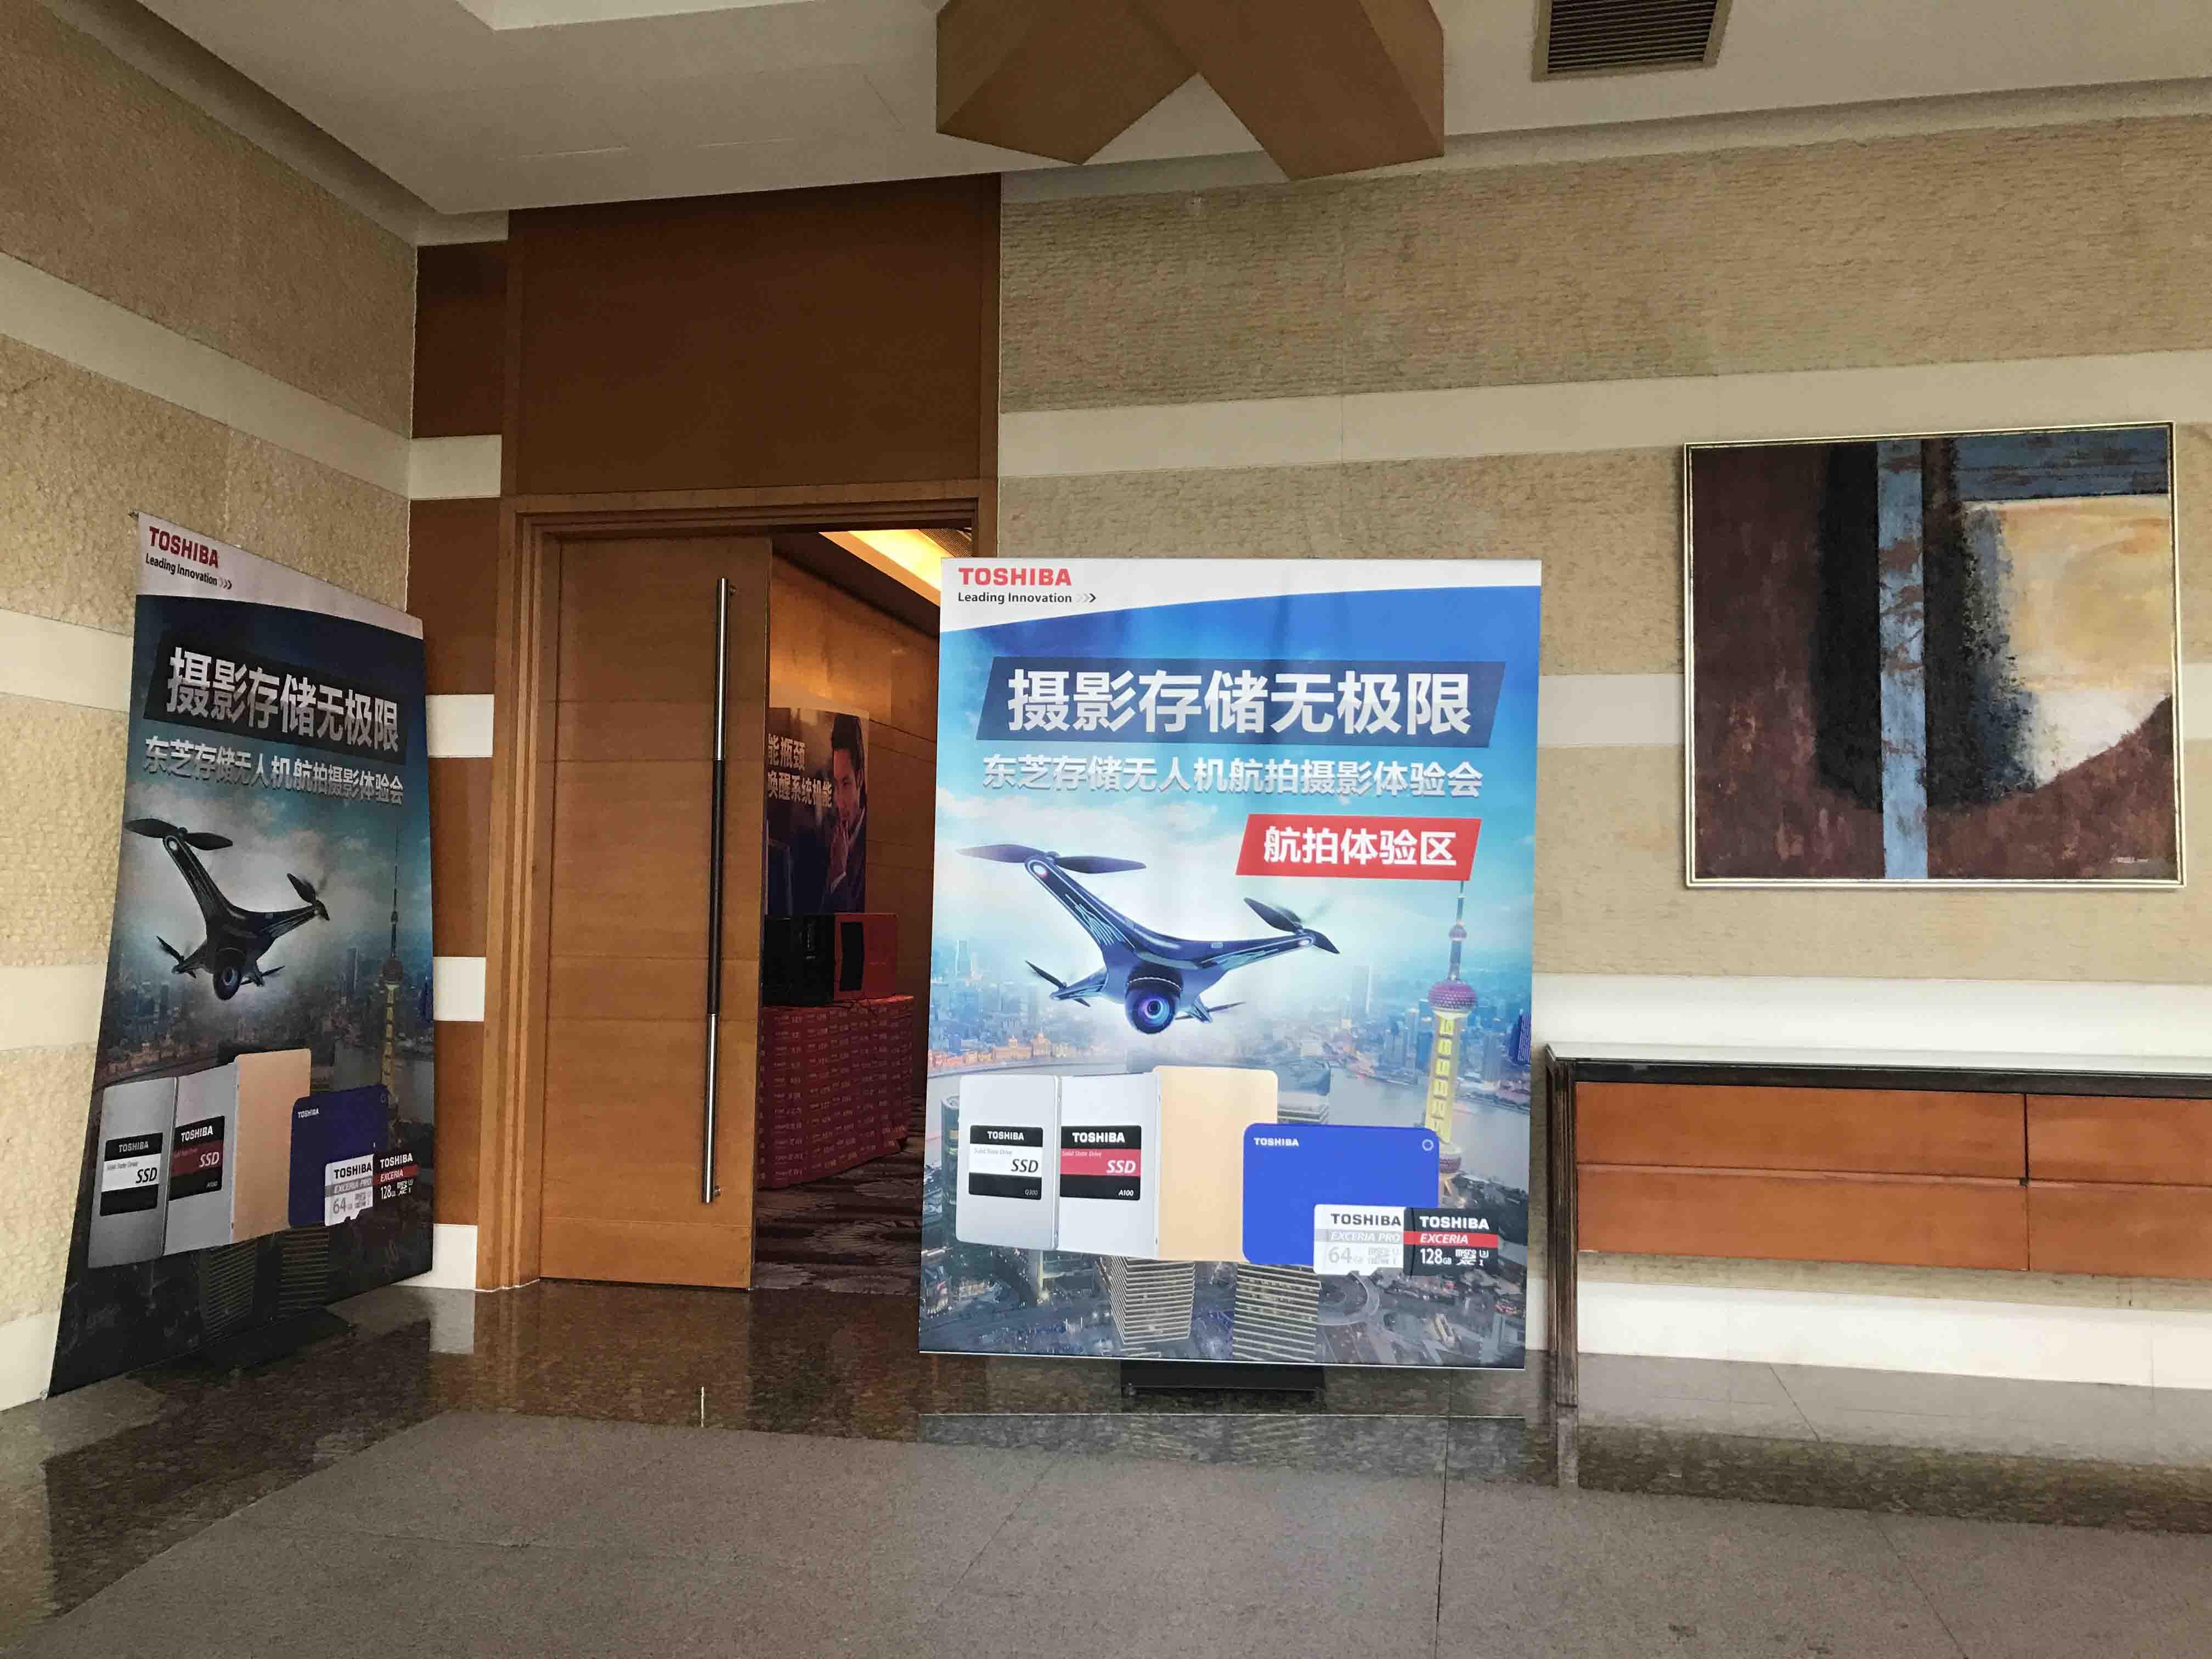 展厅门口摆放的广告牌